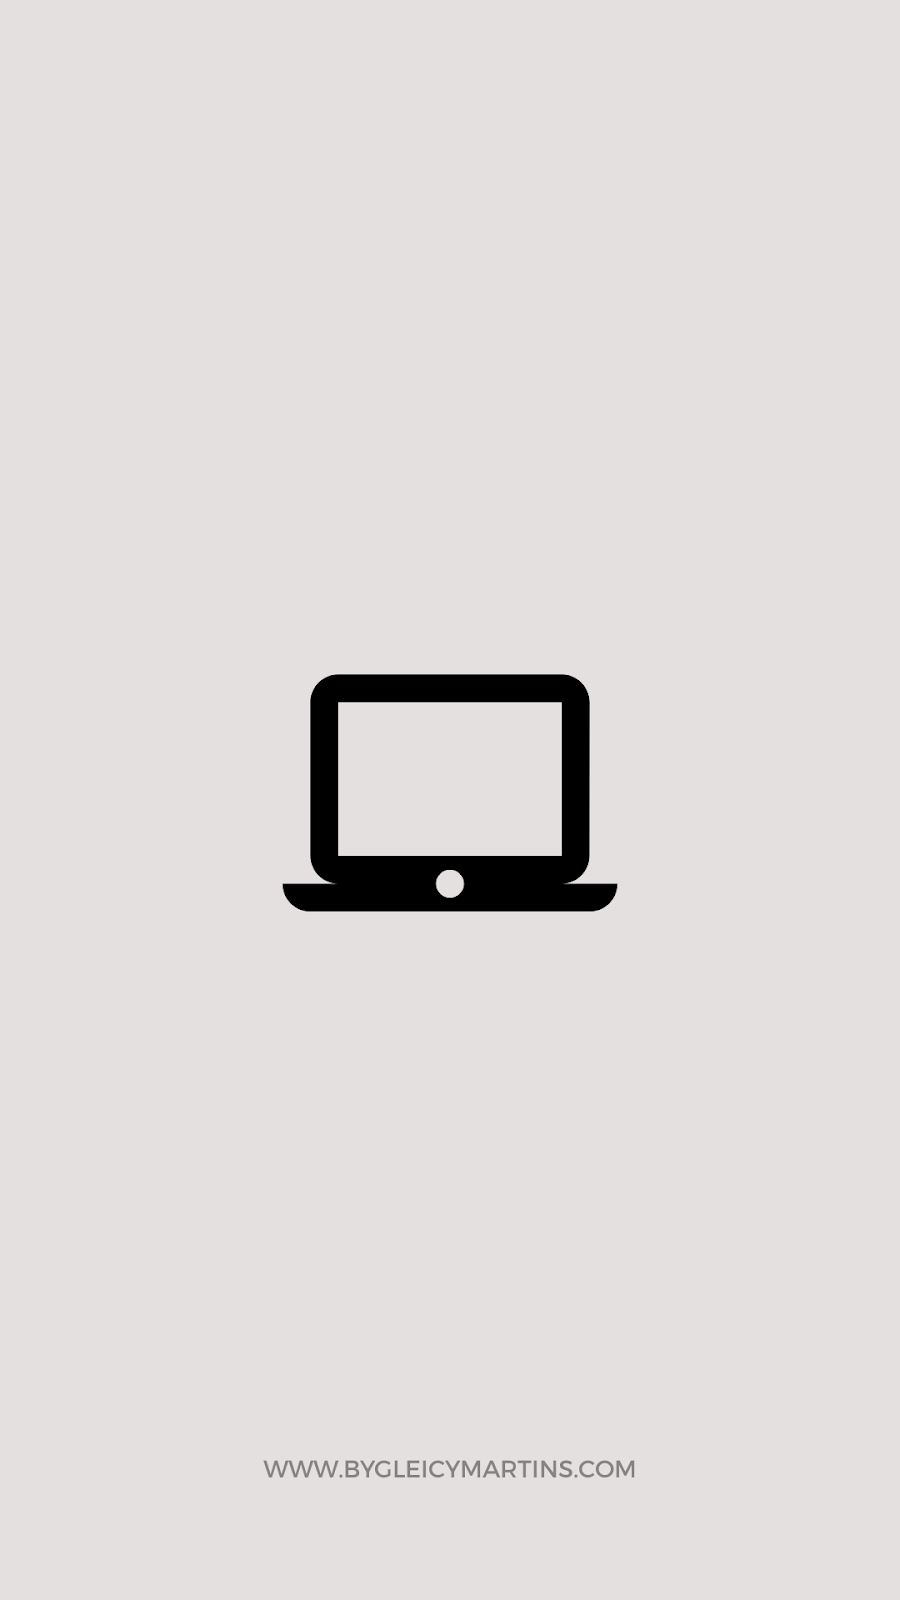 Capa para destaque computador